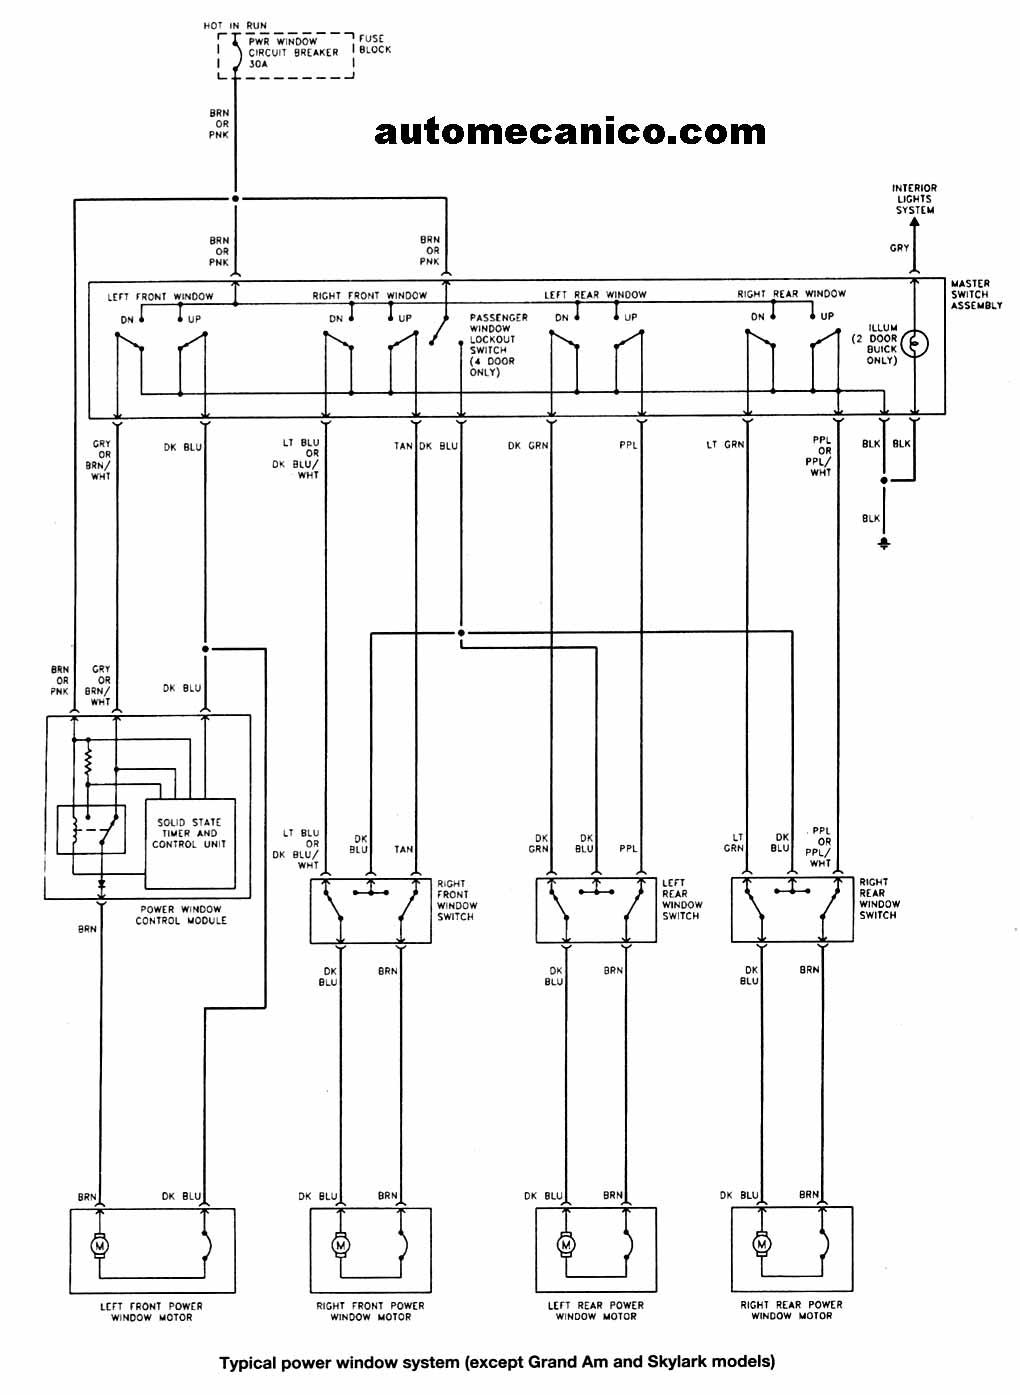 2004 deville Diagrama del motor